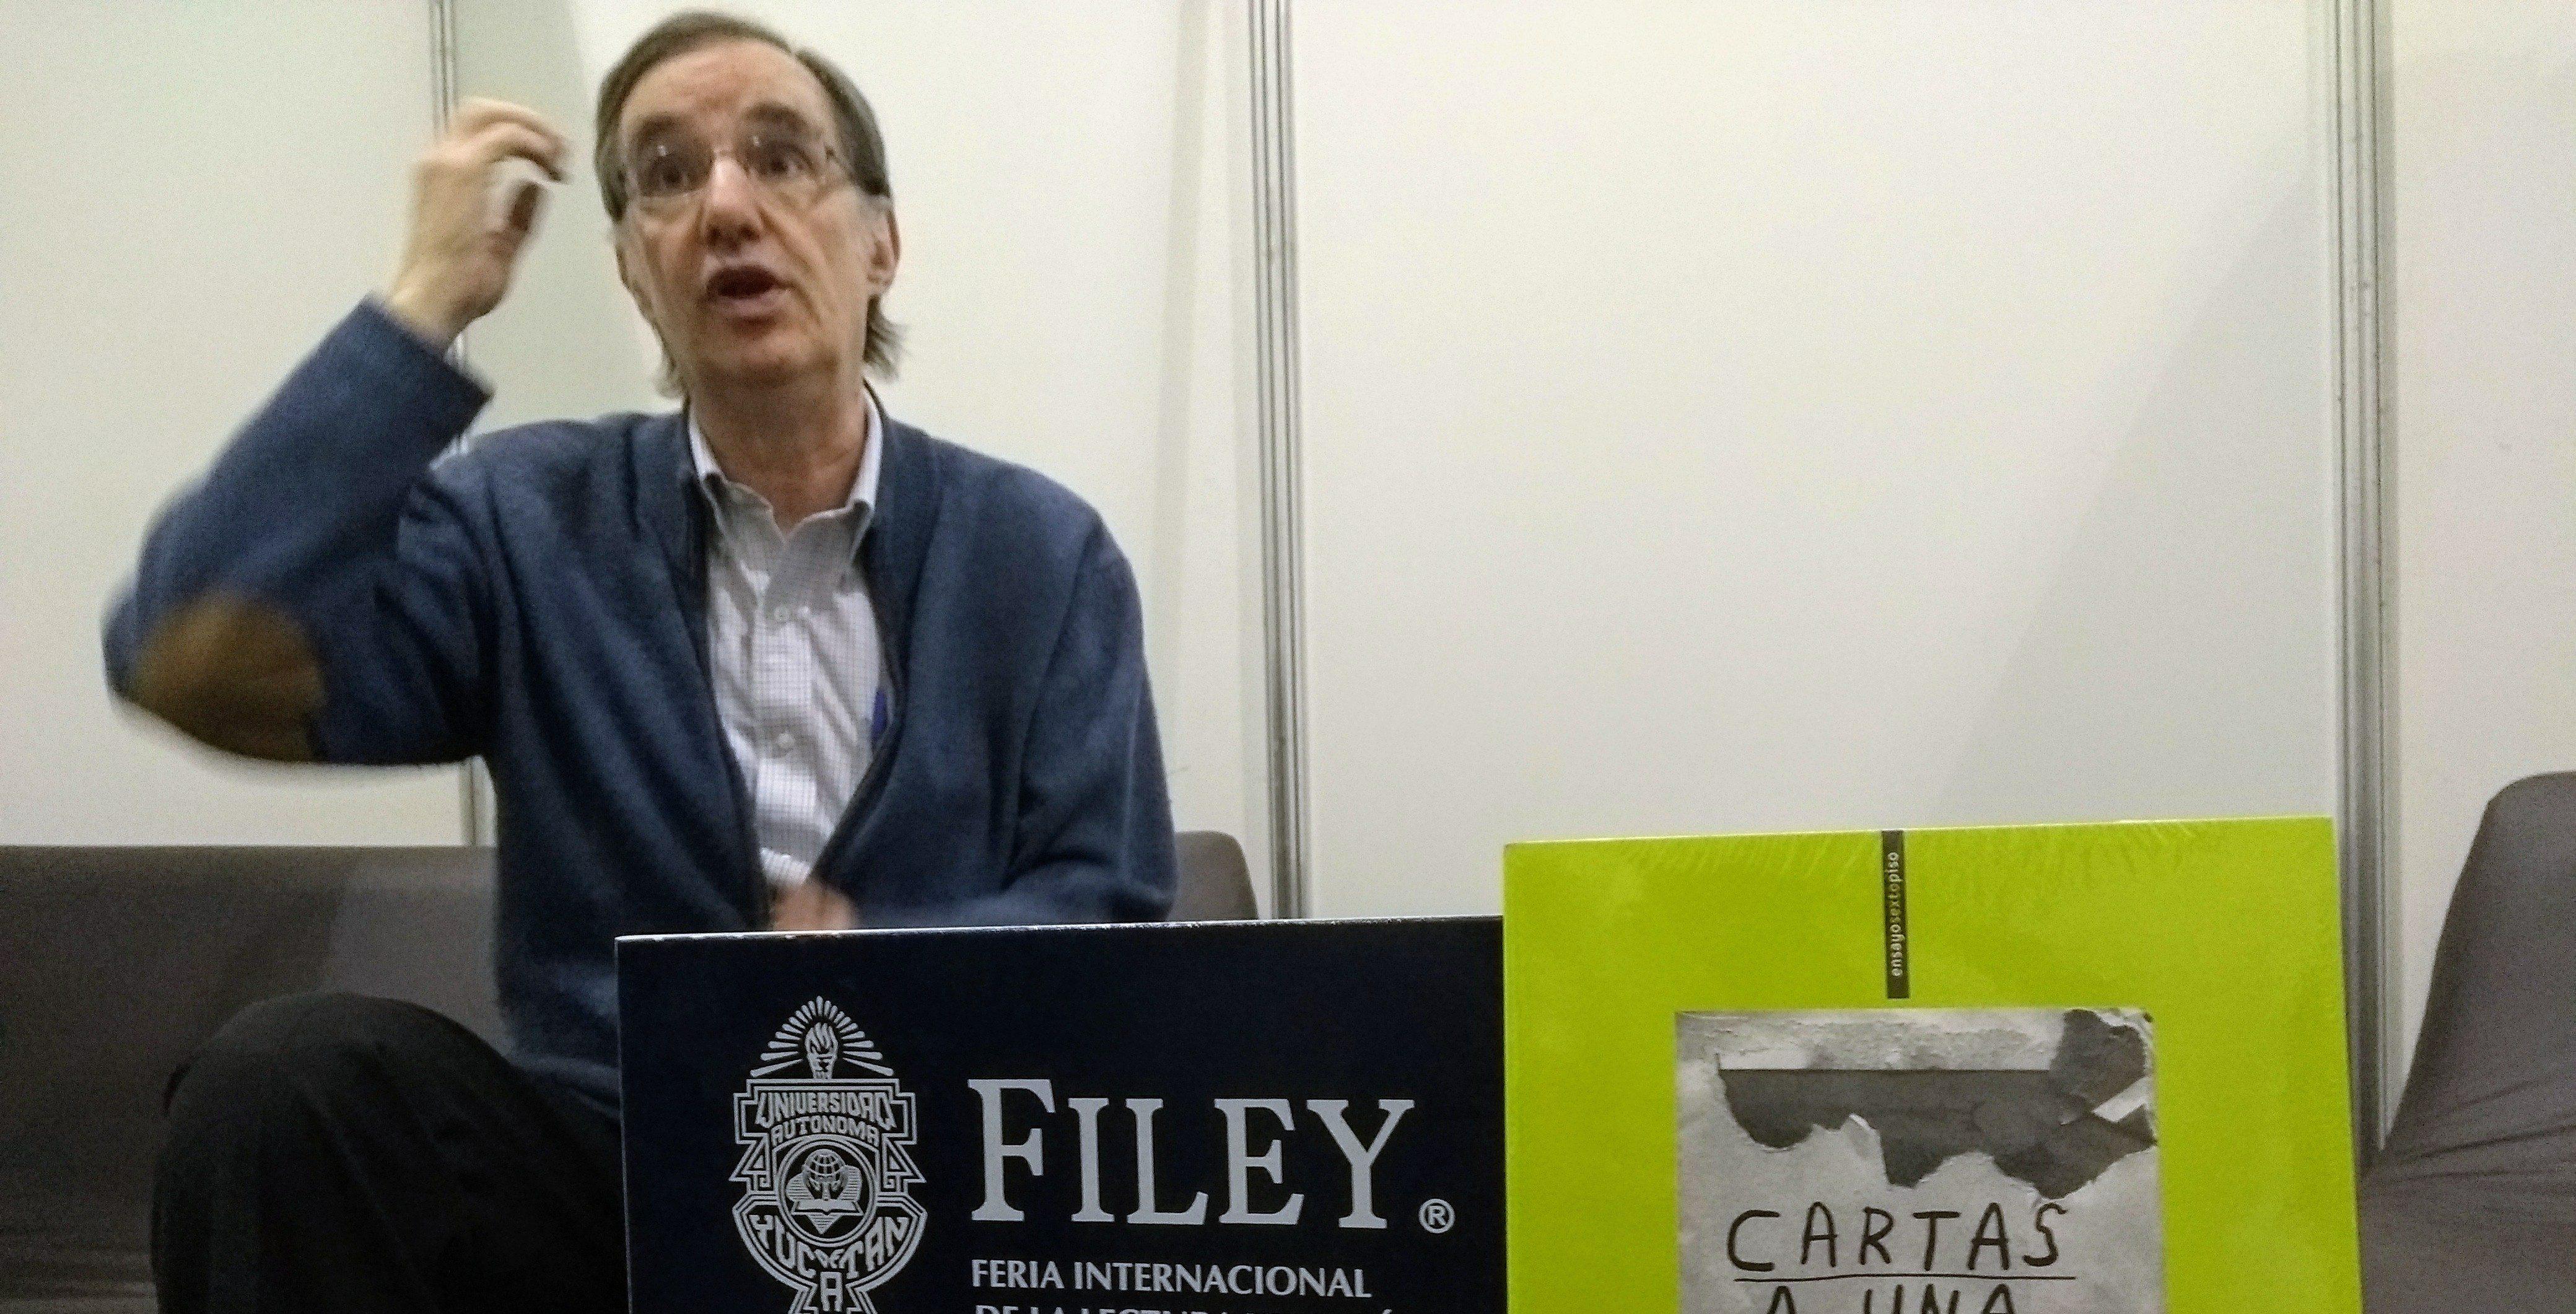 No hay forma de hacer fraude electoral en México: expresidente del IFE (video)